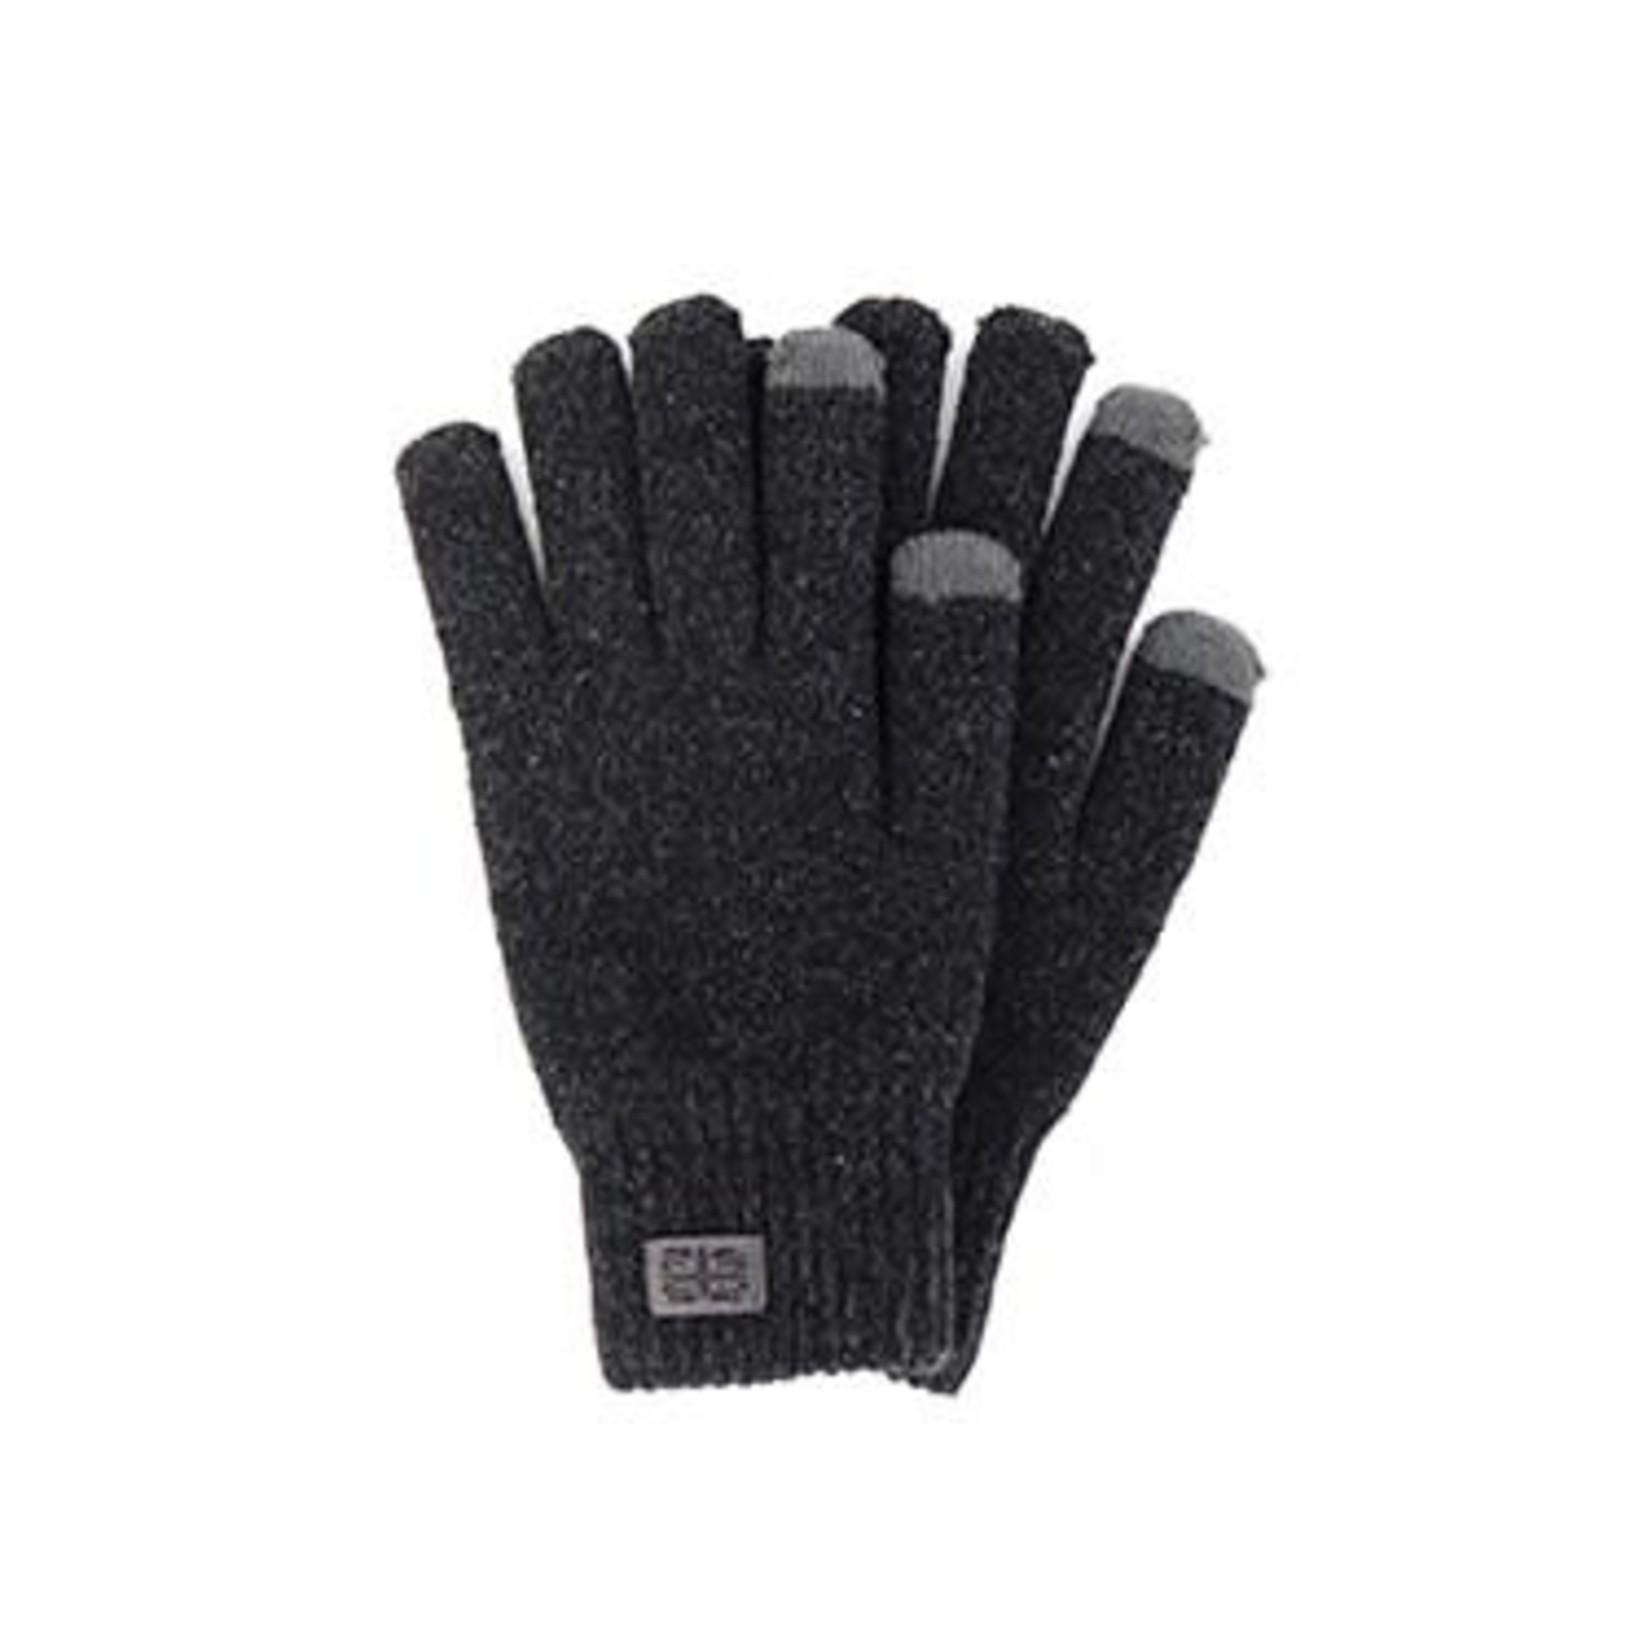 Men's Frontier Gloves - Black